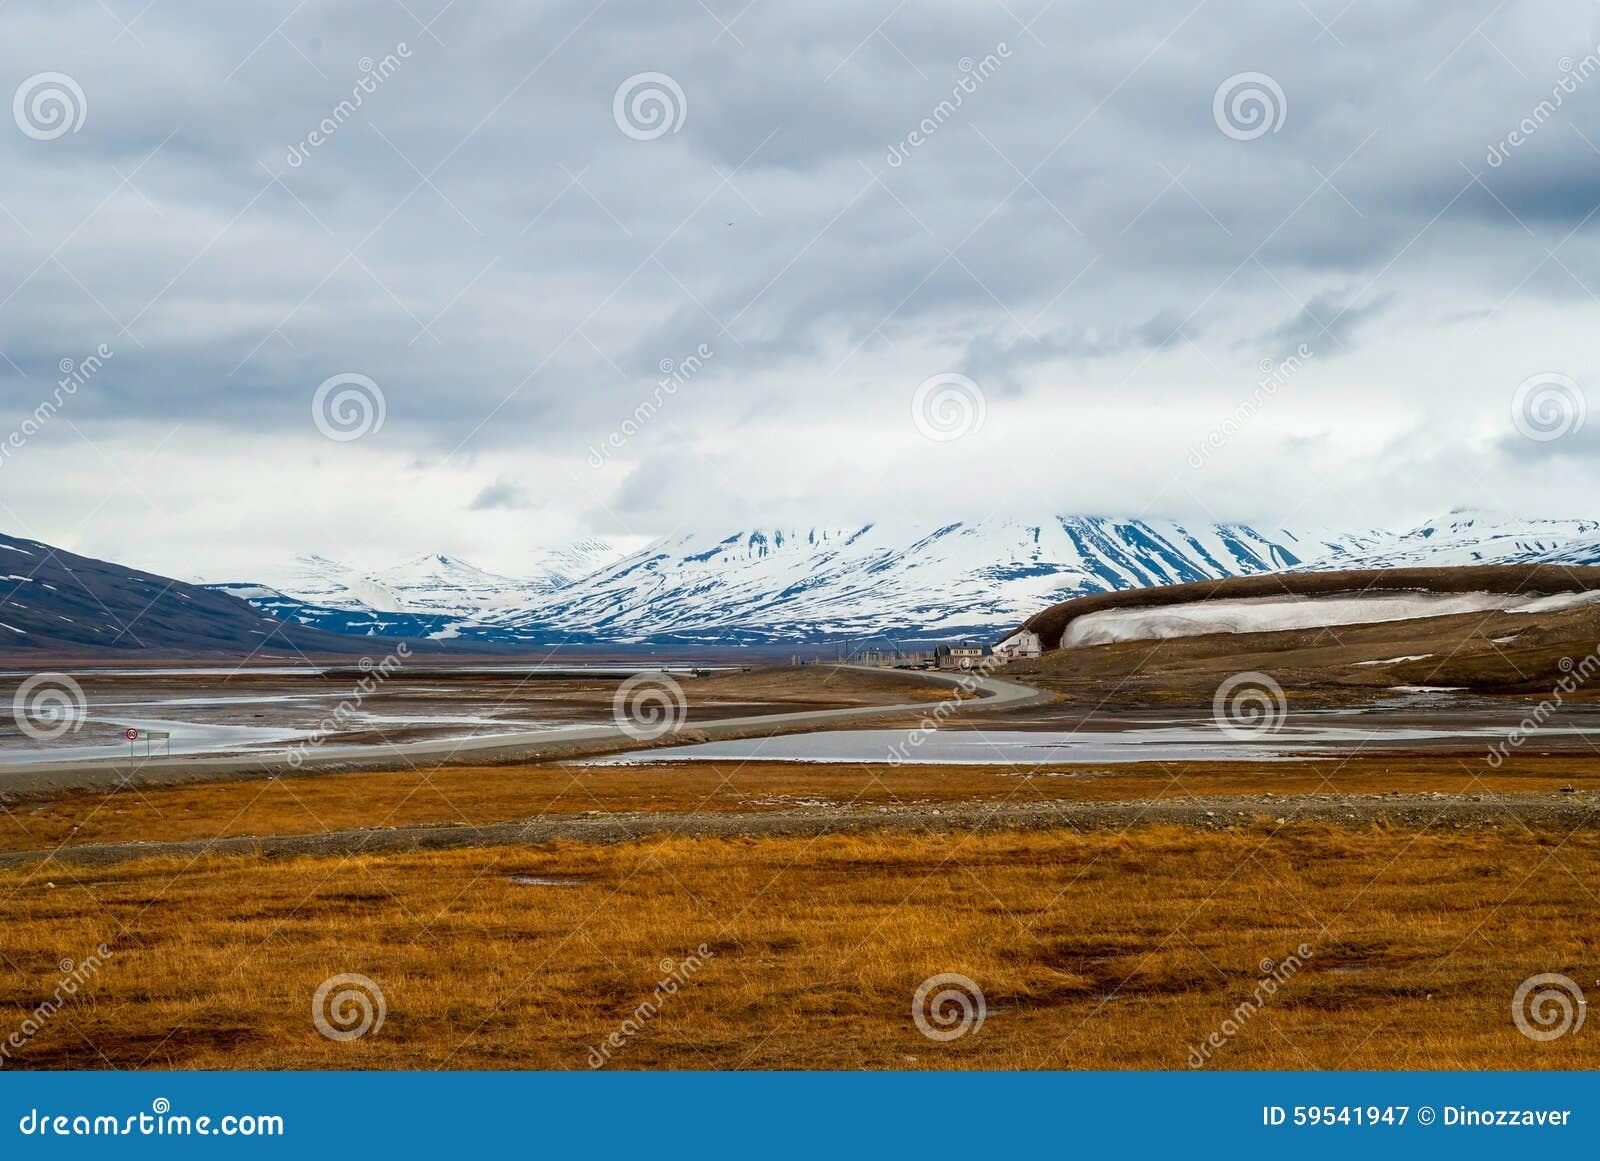 Toundra arctique en été, le Svalbard